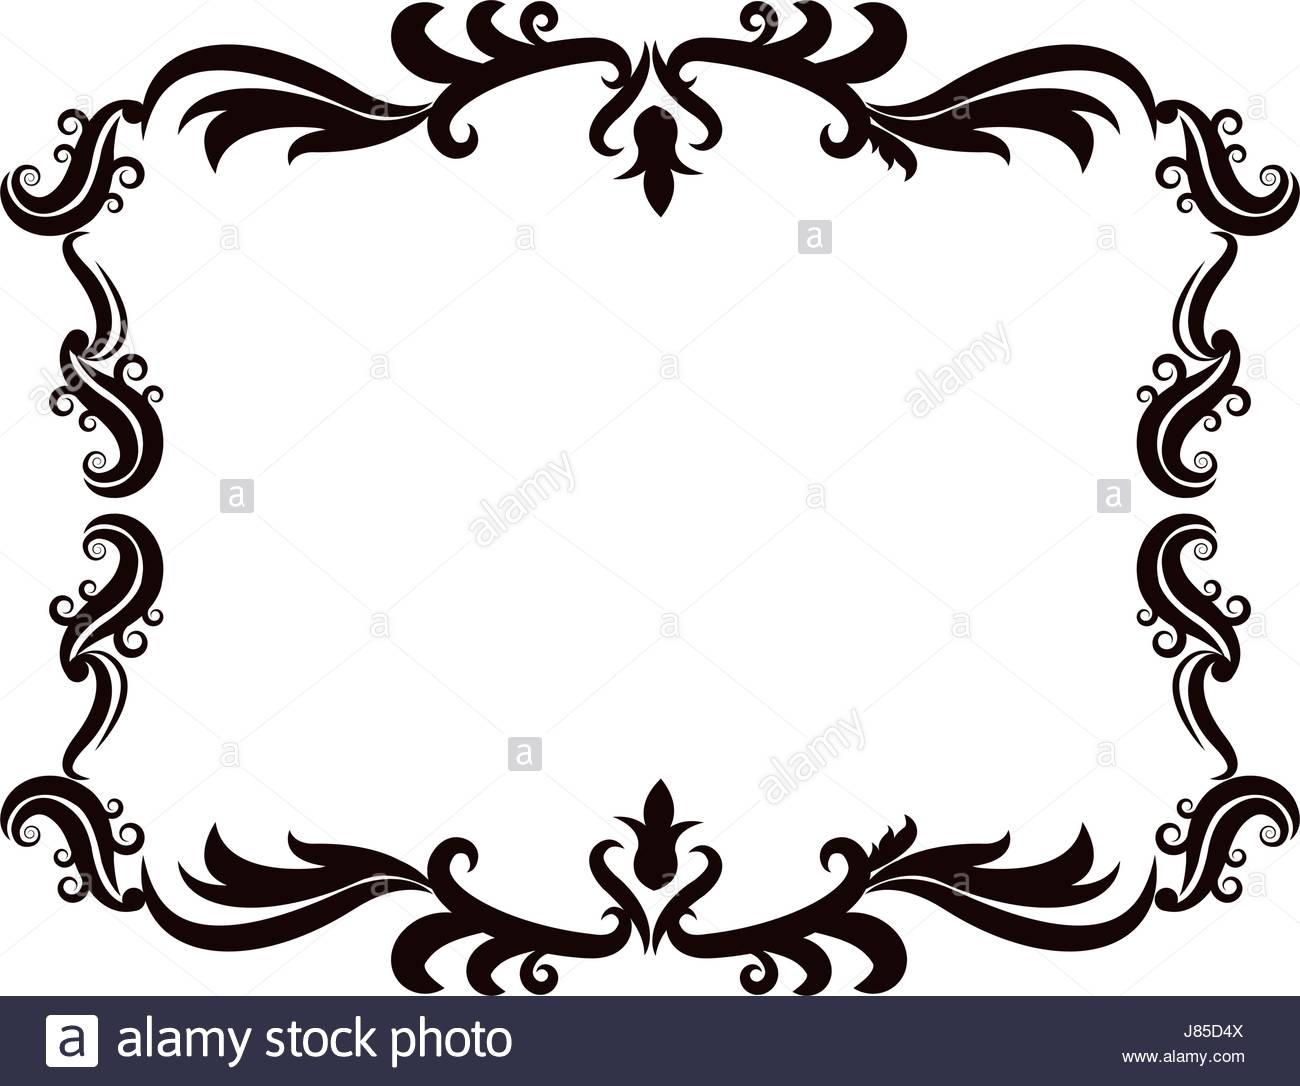 1300x1086 Vintage Baroque Frame Scroll Ornament Engraving Border Floral